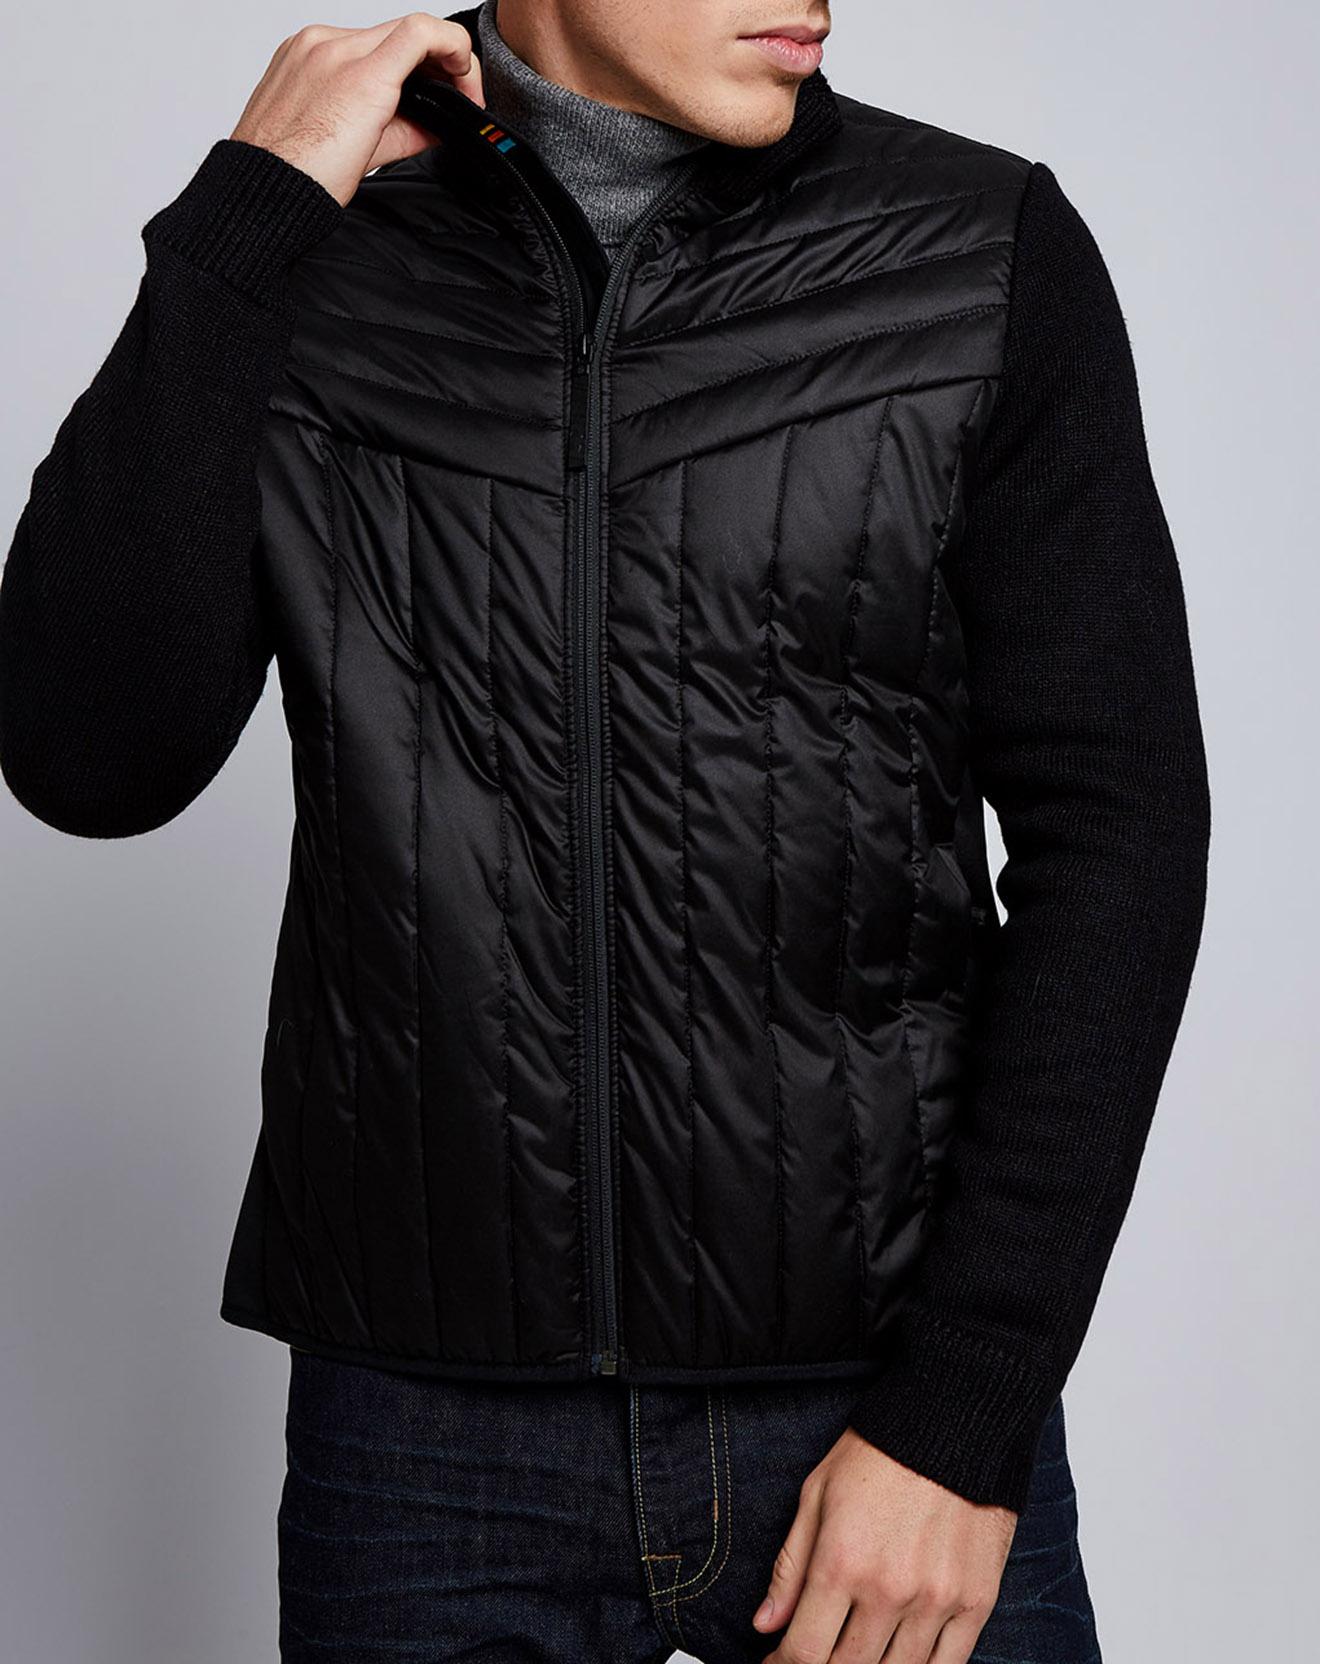 Veste fine zippée bimatière noire